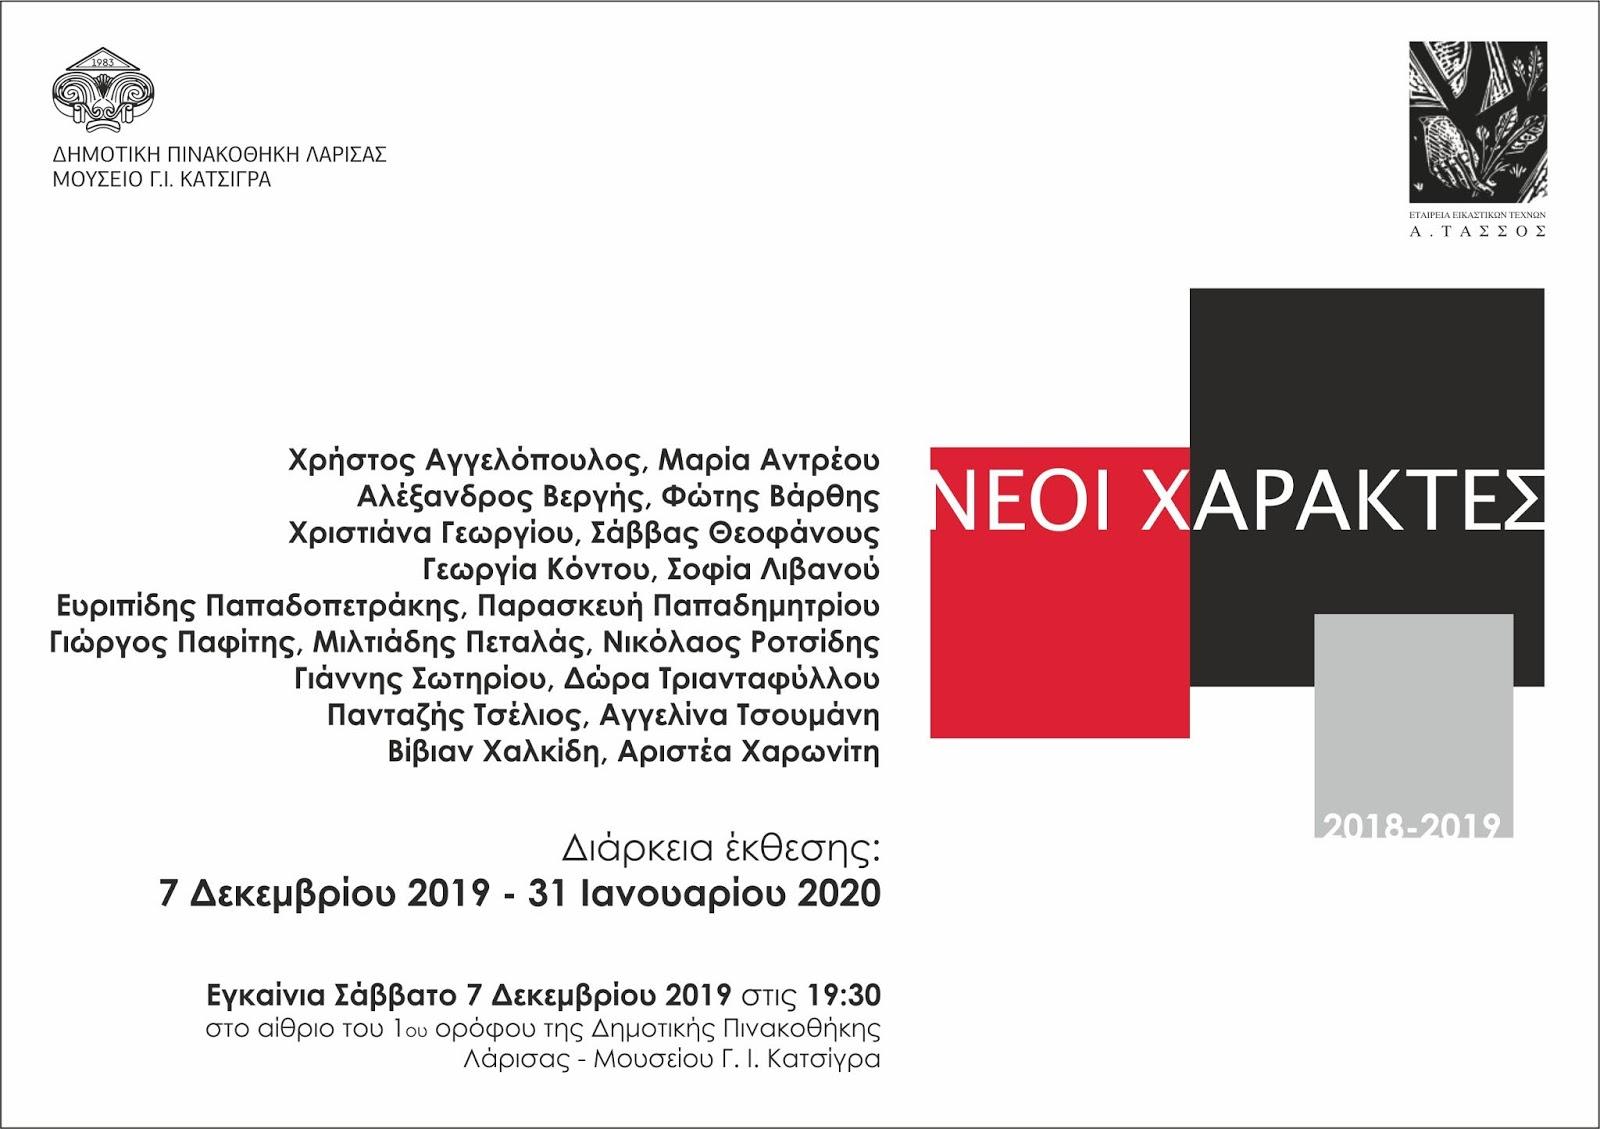 Εγκαίνια της έκθεσης «Νέοι Χαράκτες 2018-2019» στη Δημοτική Πινακοθήκη Λάρισας